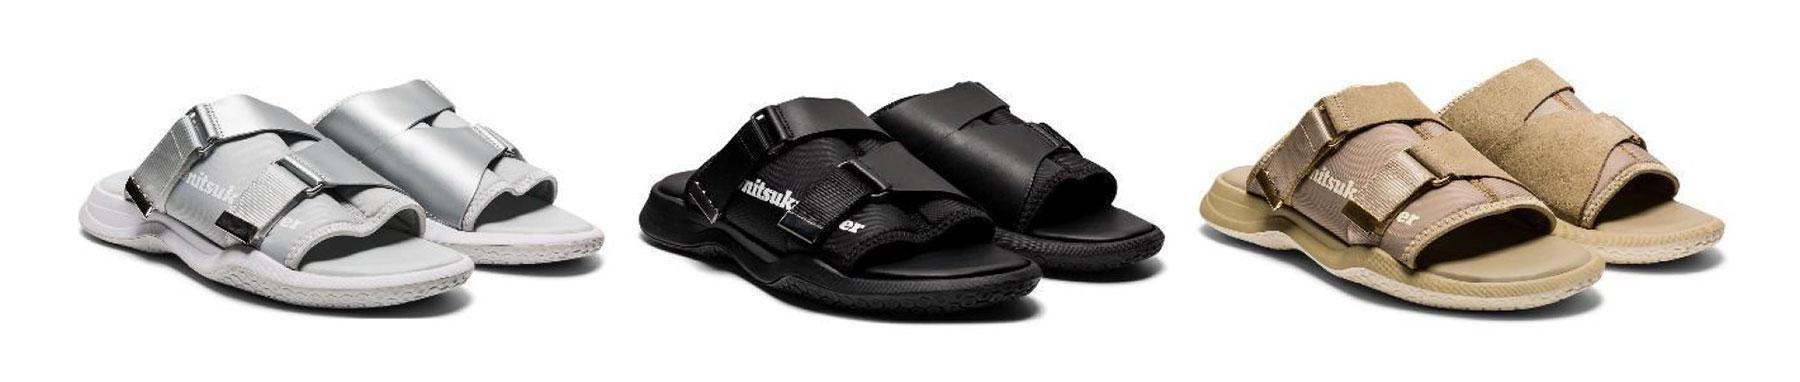 3 mẫu dép sandal Onitsuka Tiger cho người mê phong cách streetwear 7